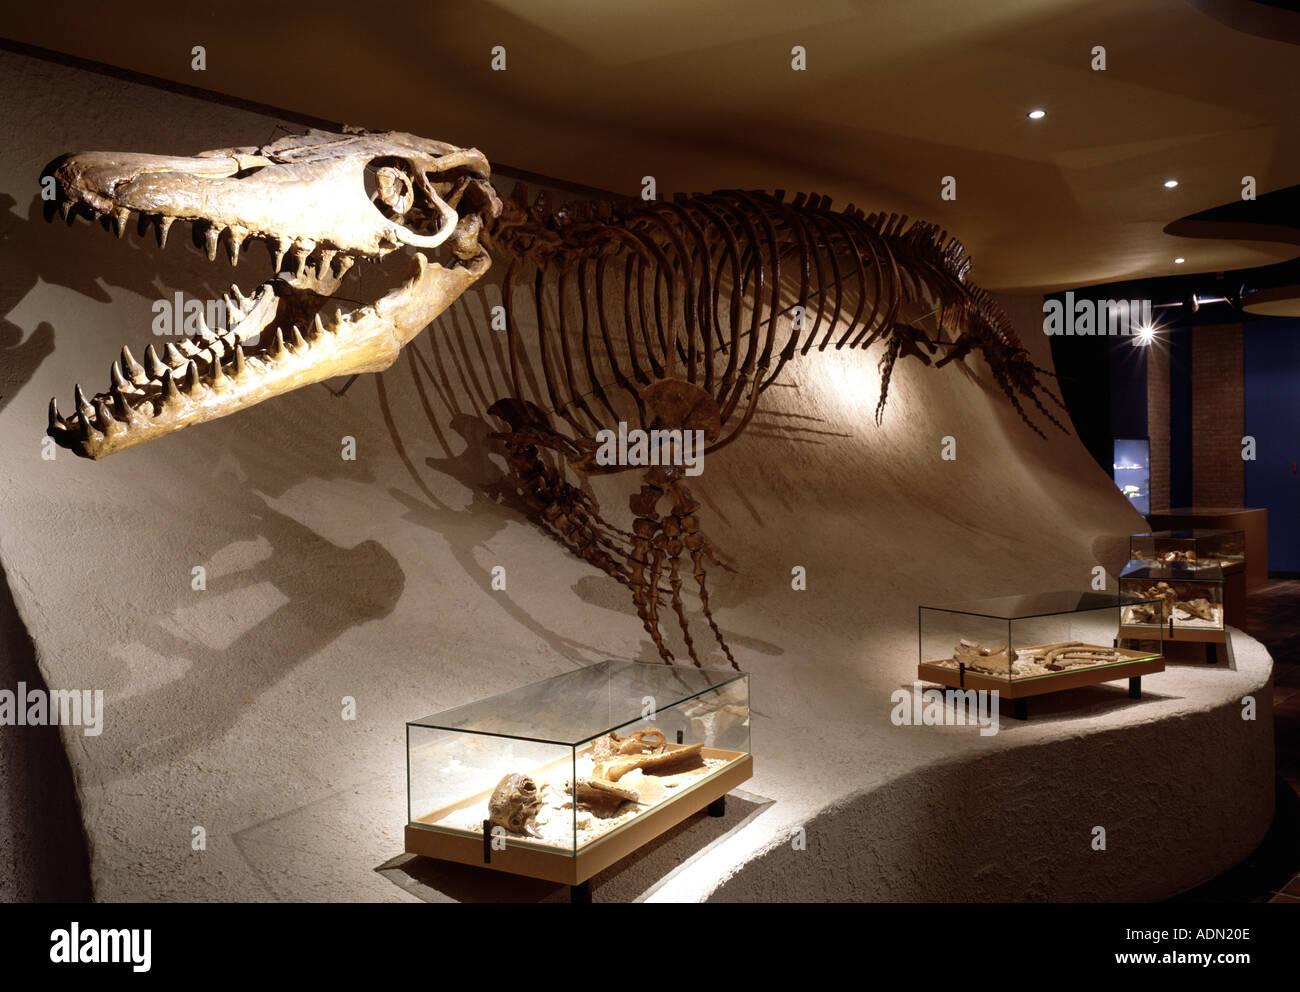 Maastricht, Naturhistorisches Museum, Skelett eines Dinosaurier (Mosasaurus) - Stock Image